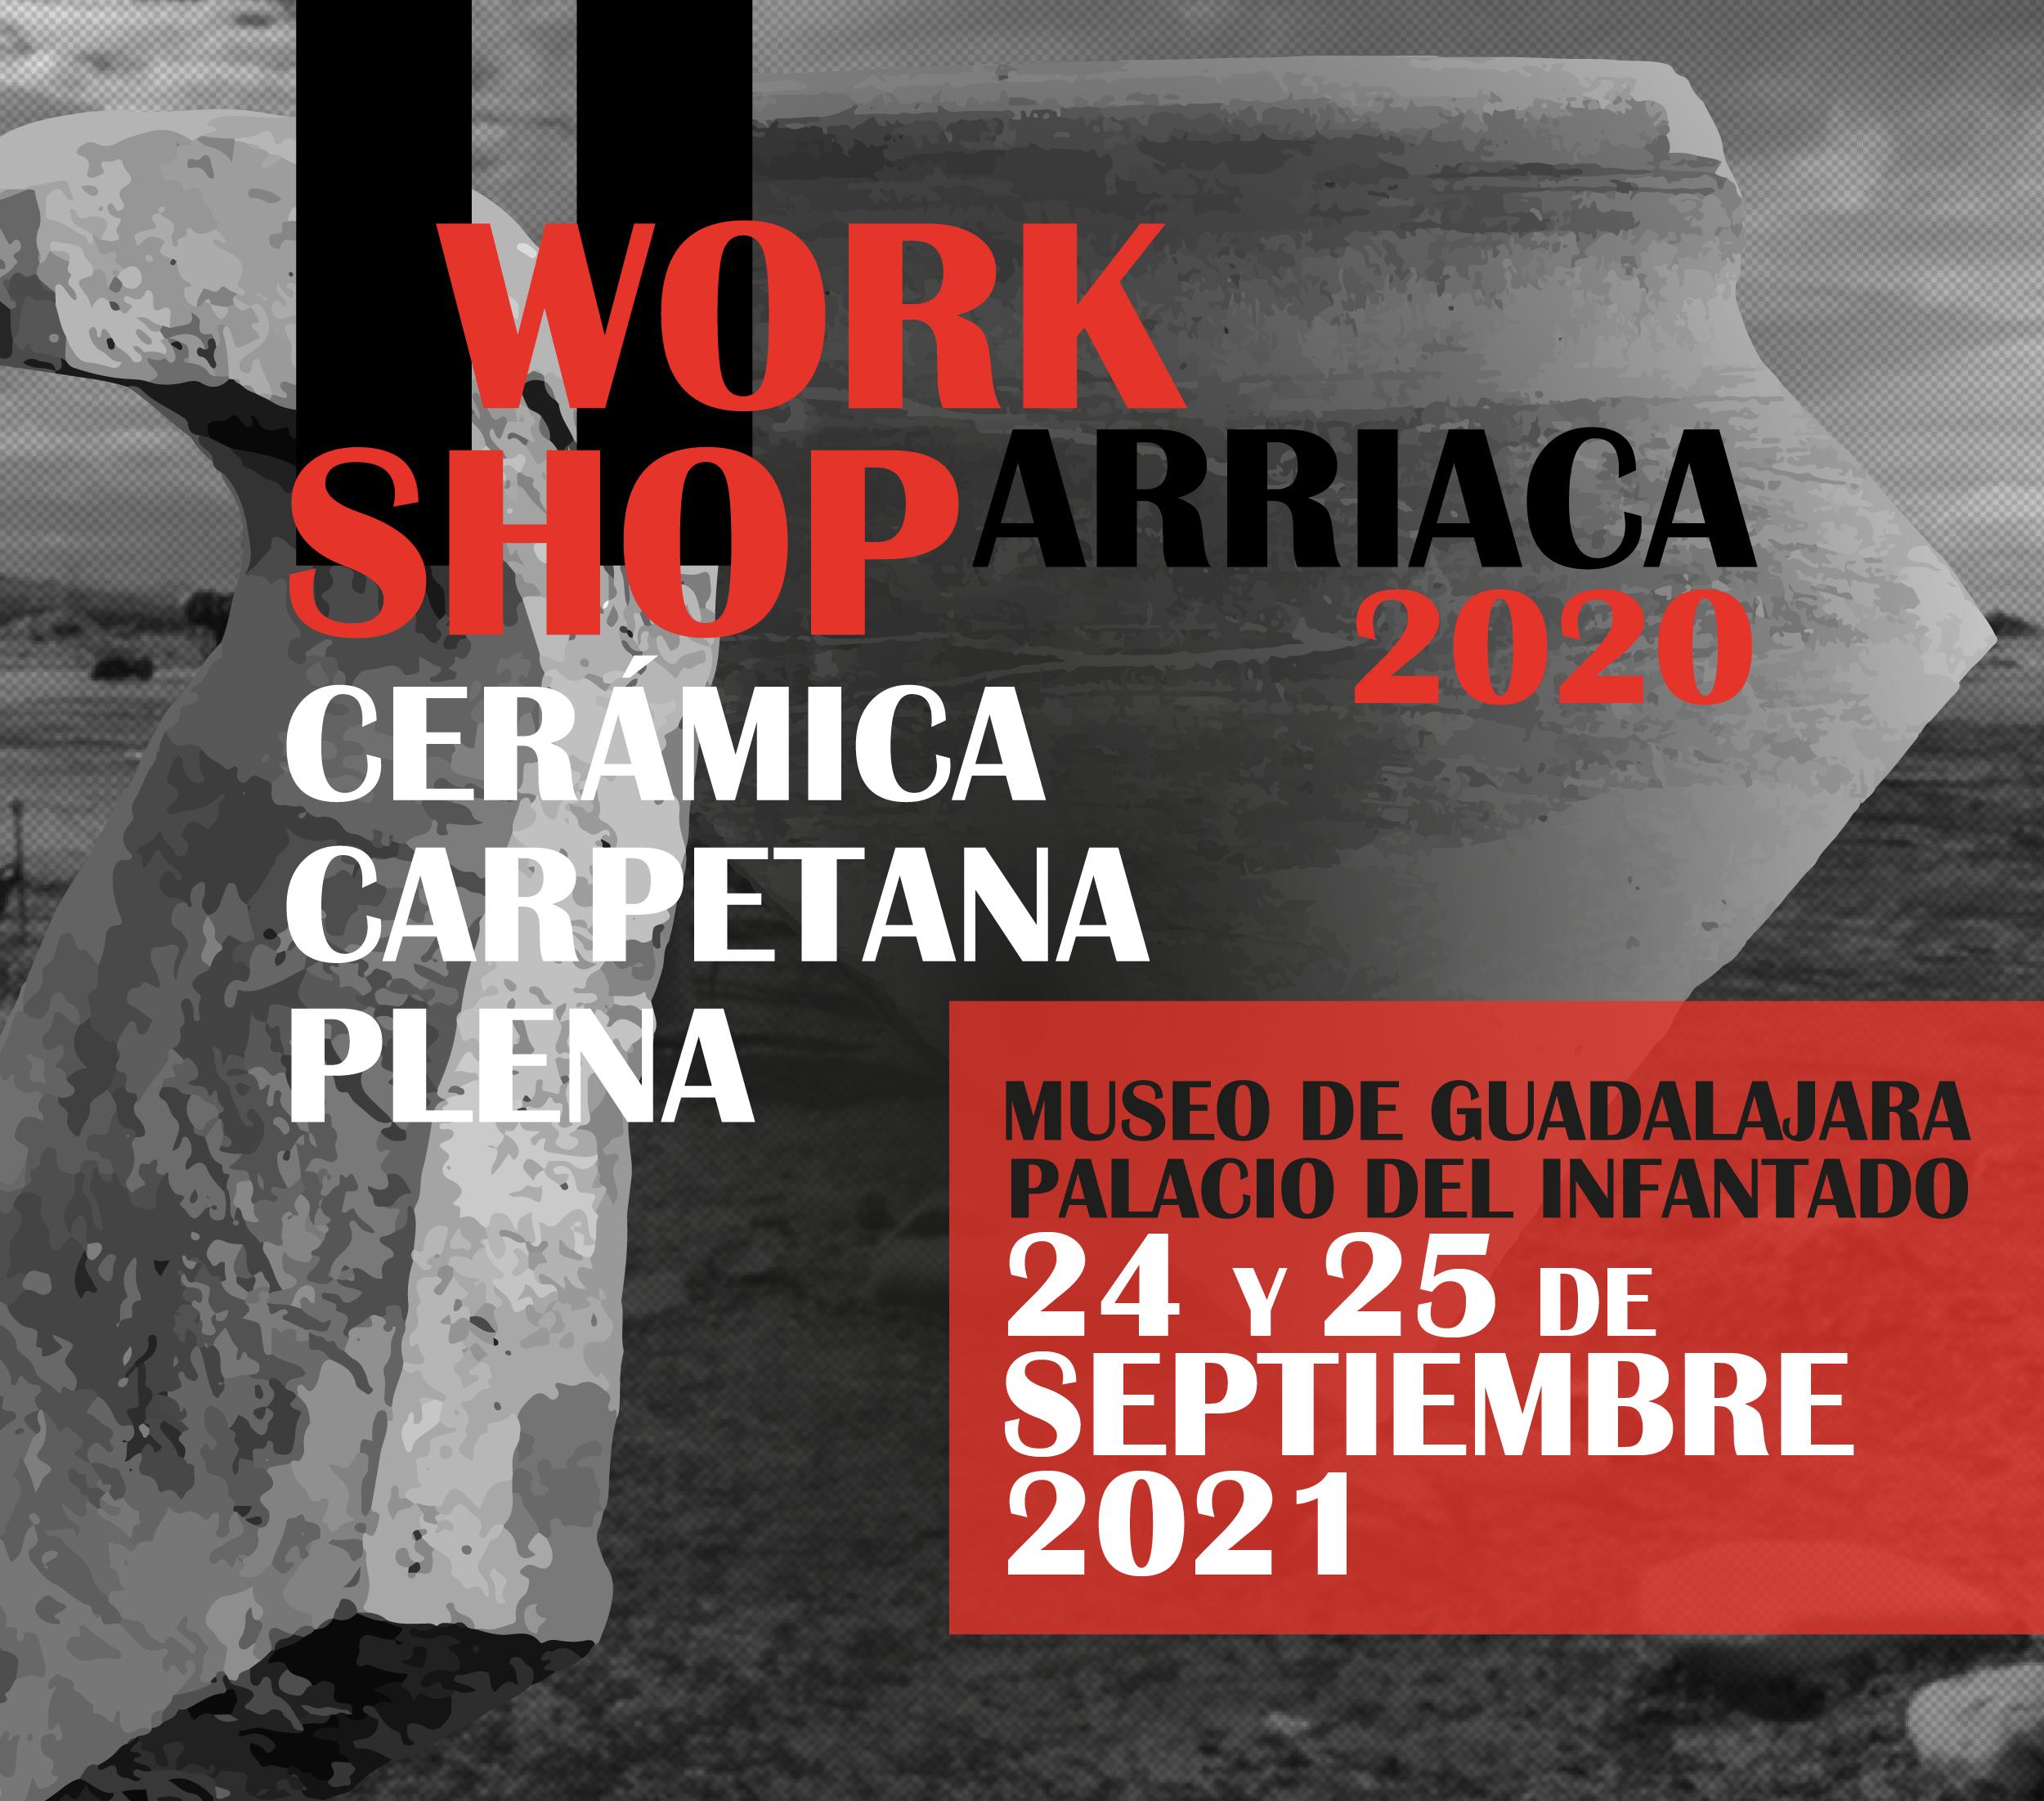 Workshop de Cerámica Carpetana Plena; Arriaca 2020